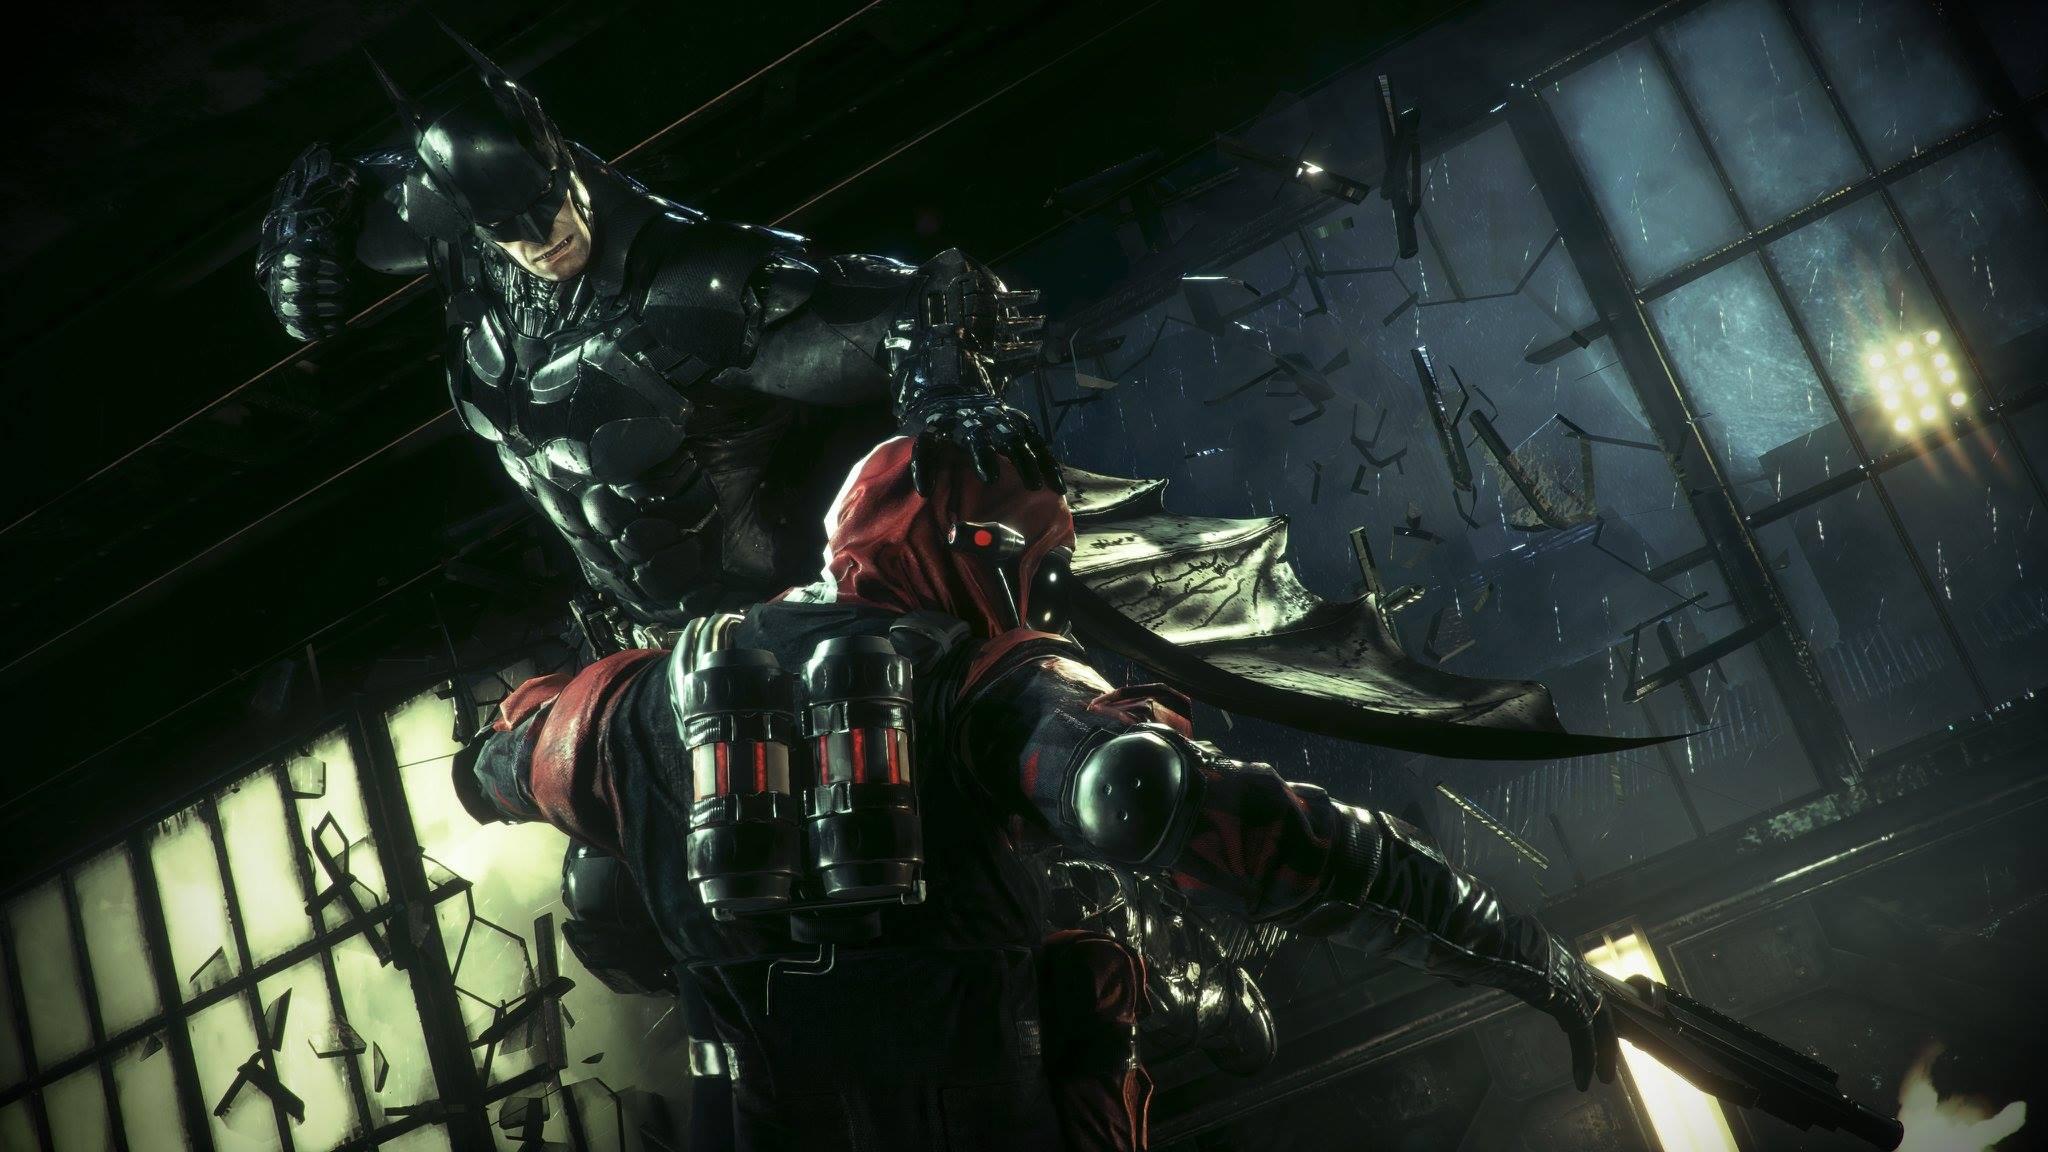 Новые скриншоты Batman: Arkham Knight. - Изображение 4